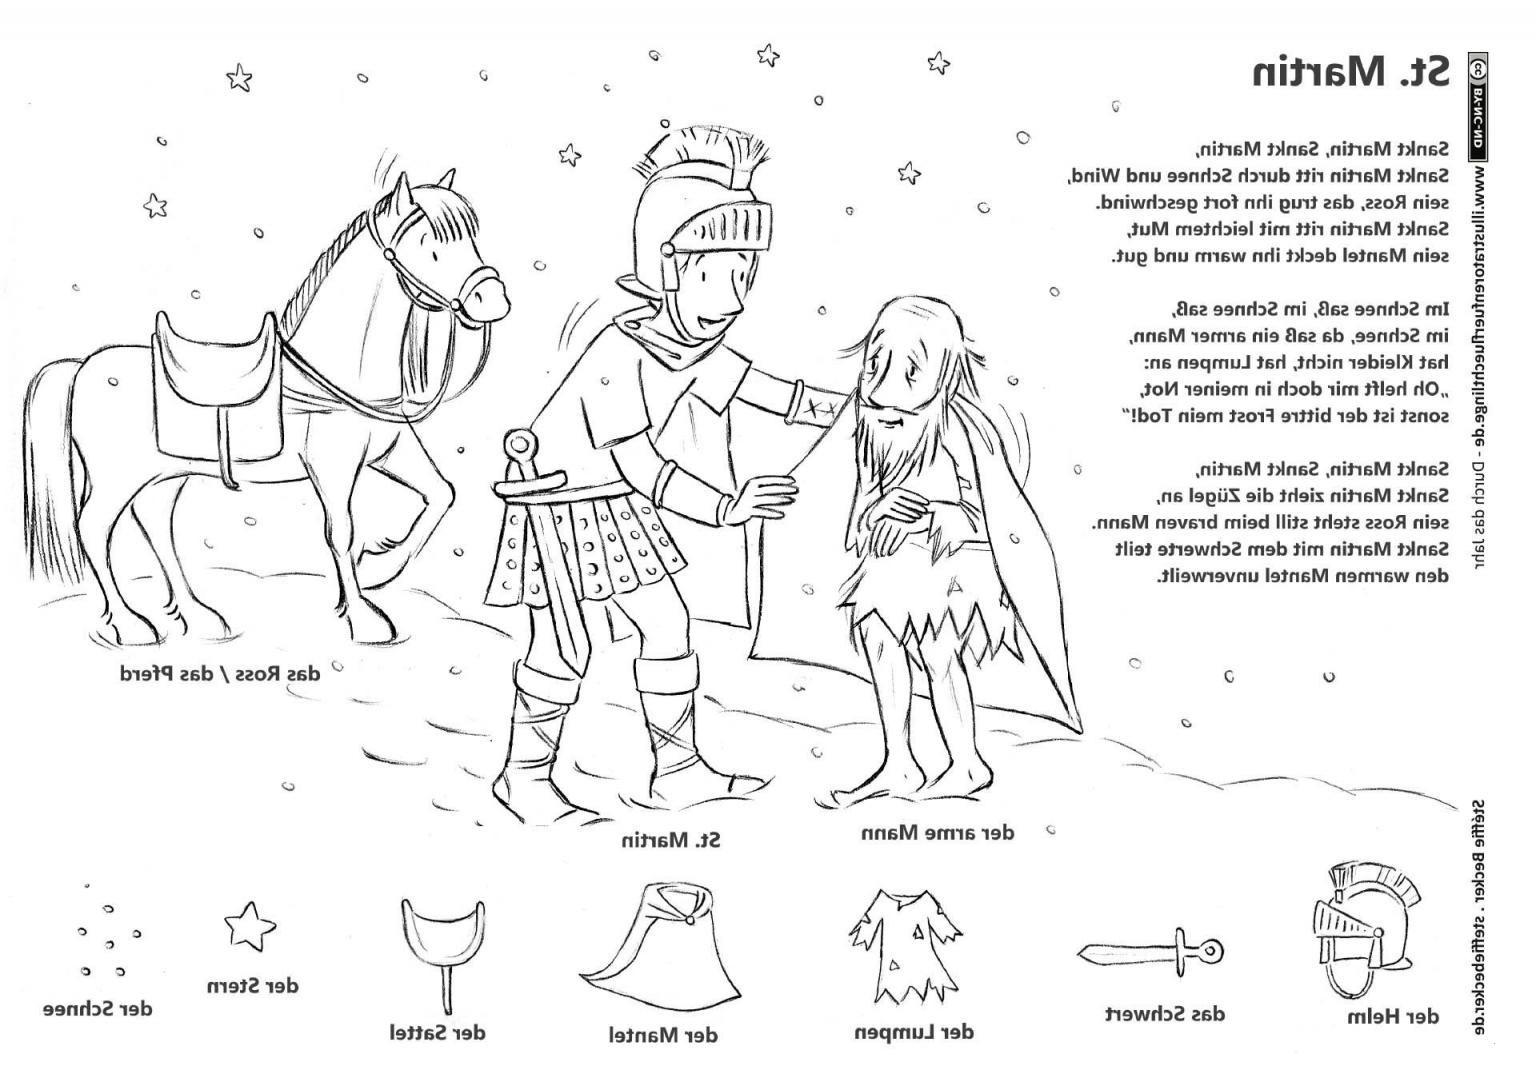 Ausmalbilder Prinzessin Das Beste Von Minions Malvorlagen Prinzessin Ausmalbilder Minions Einhorn Luxe Das Bild